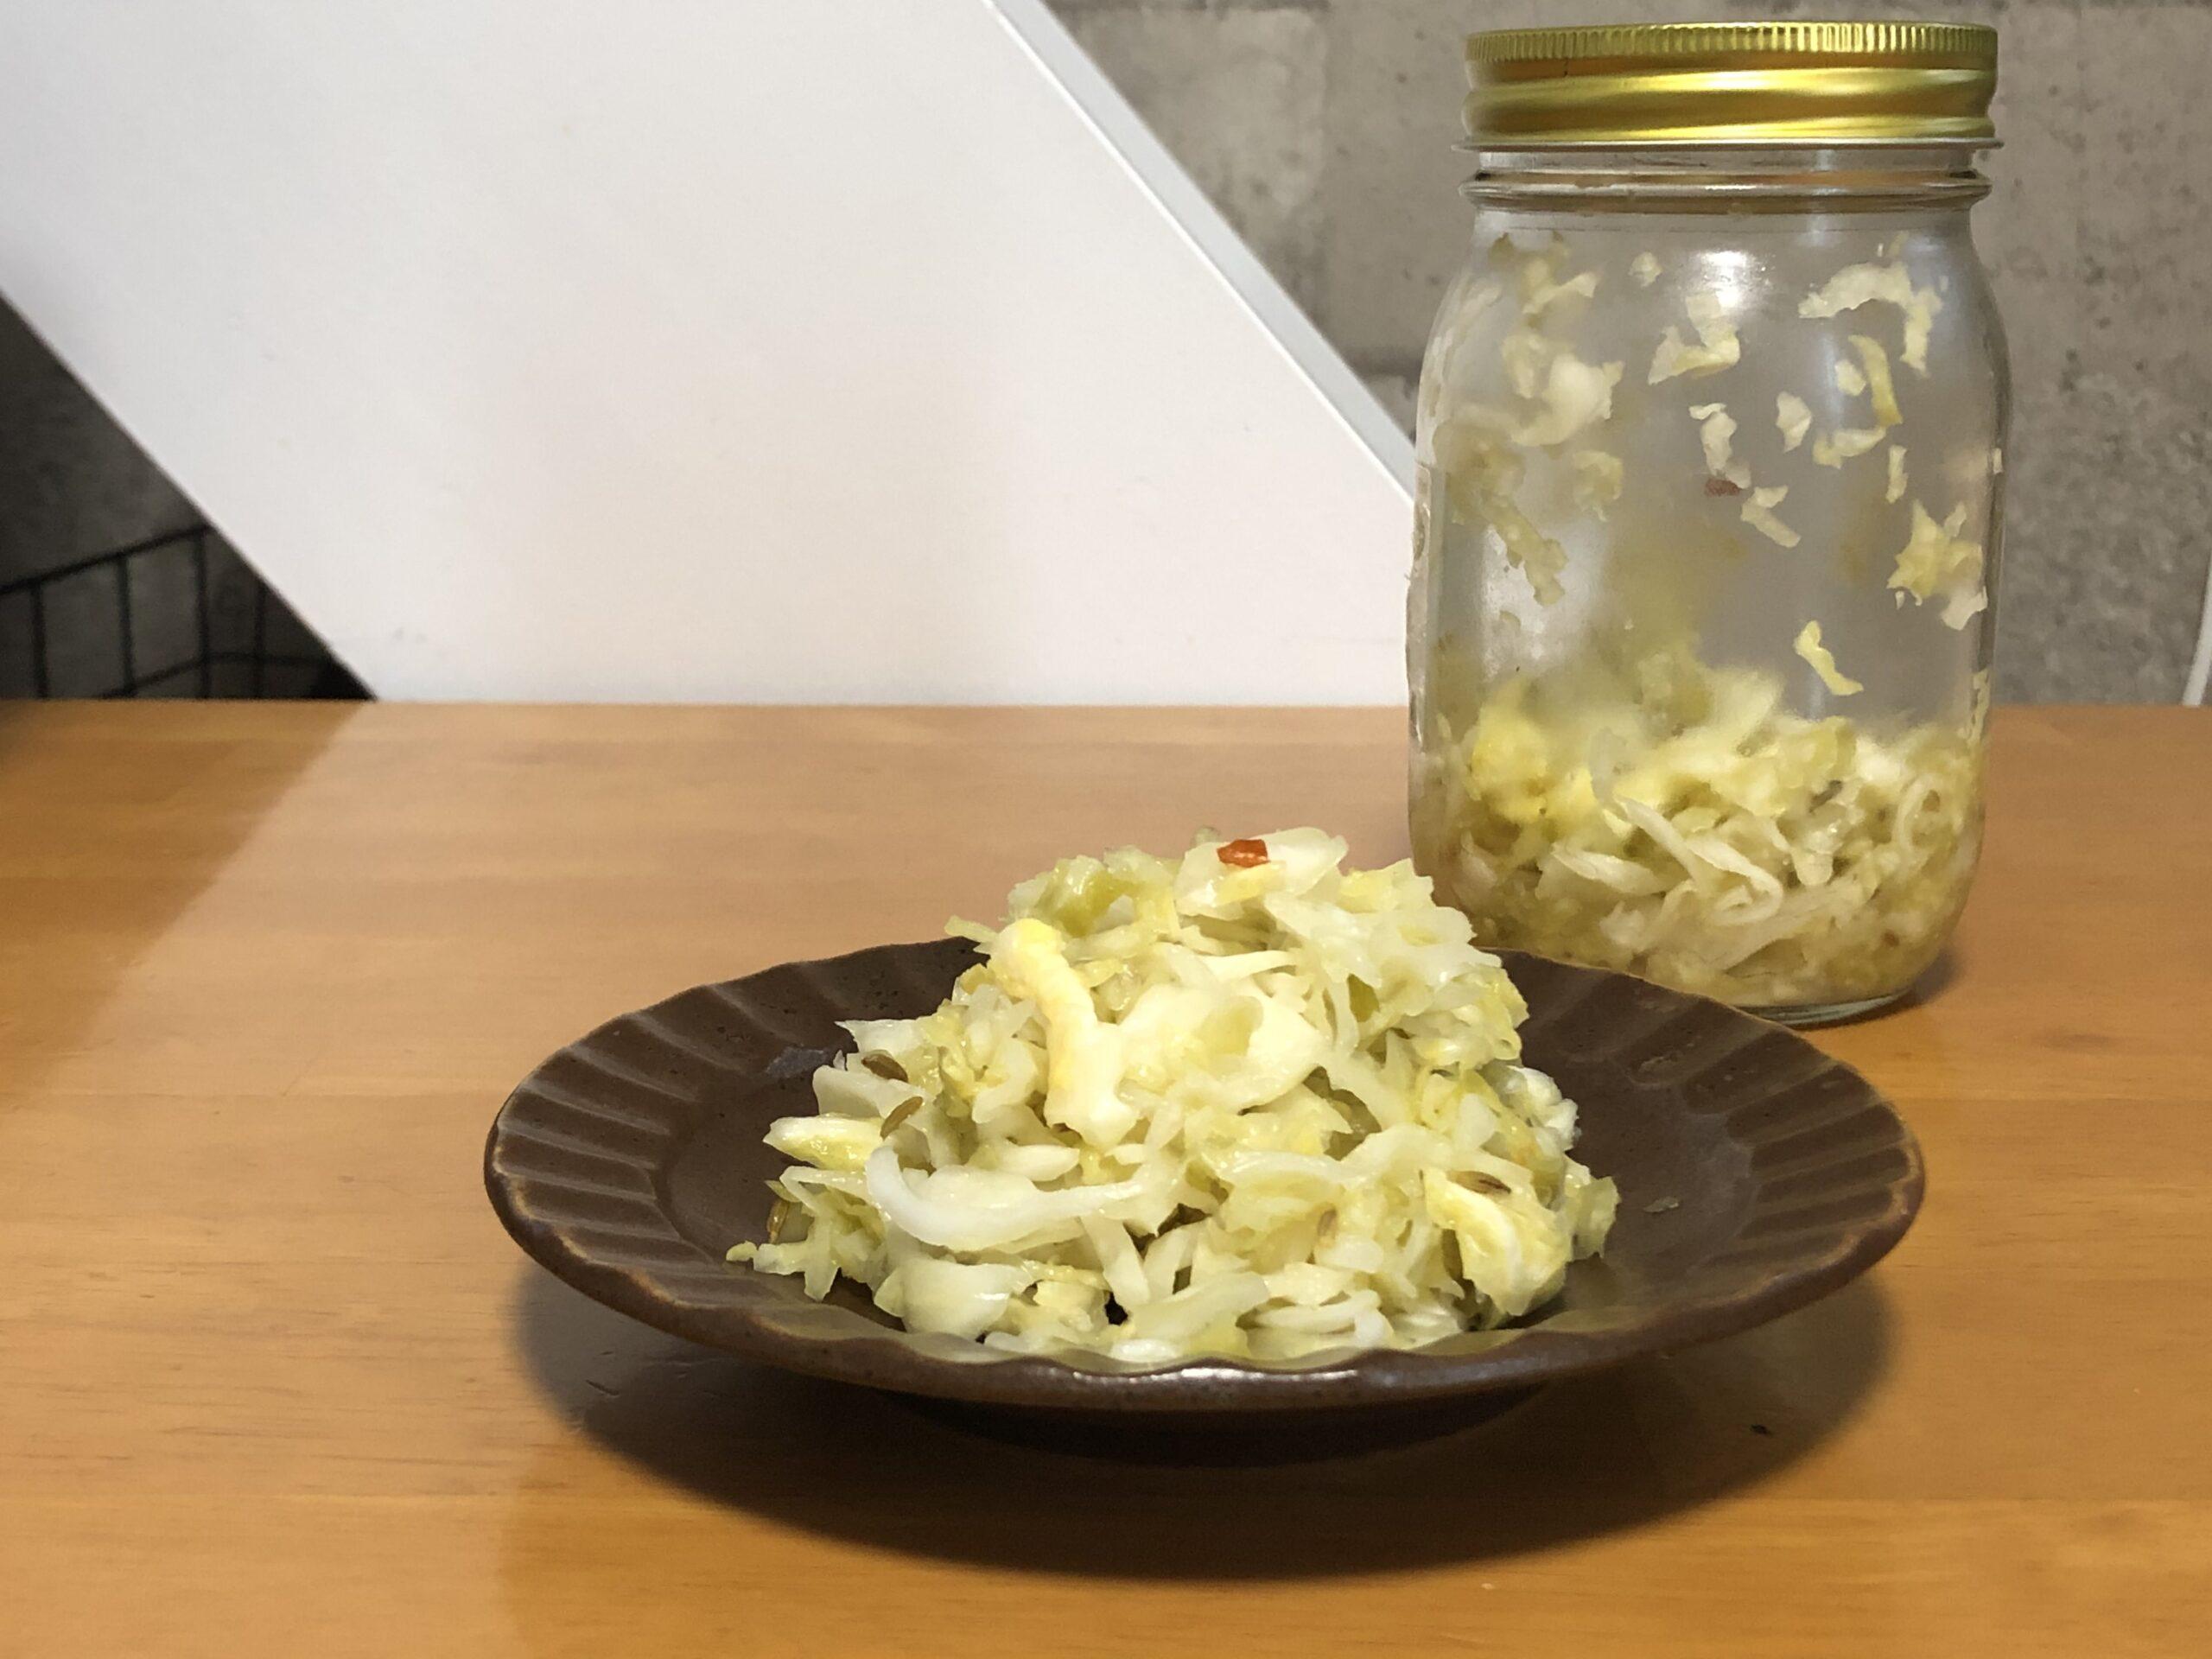 乳酸発酵キャベツ盛り付け画像です。